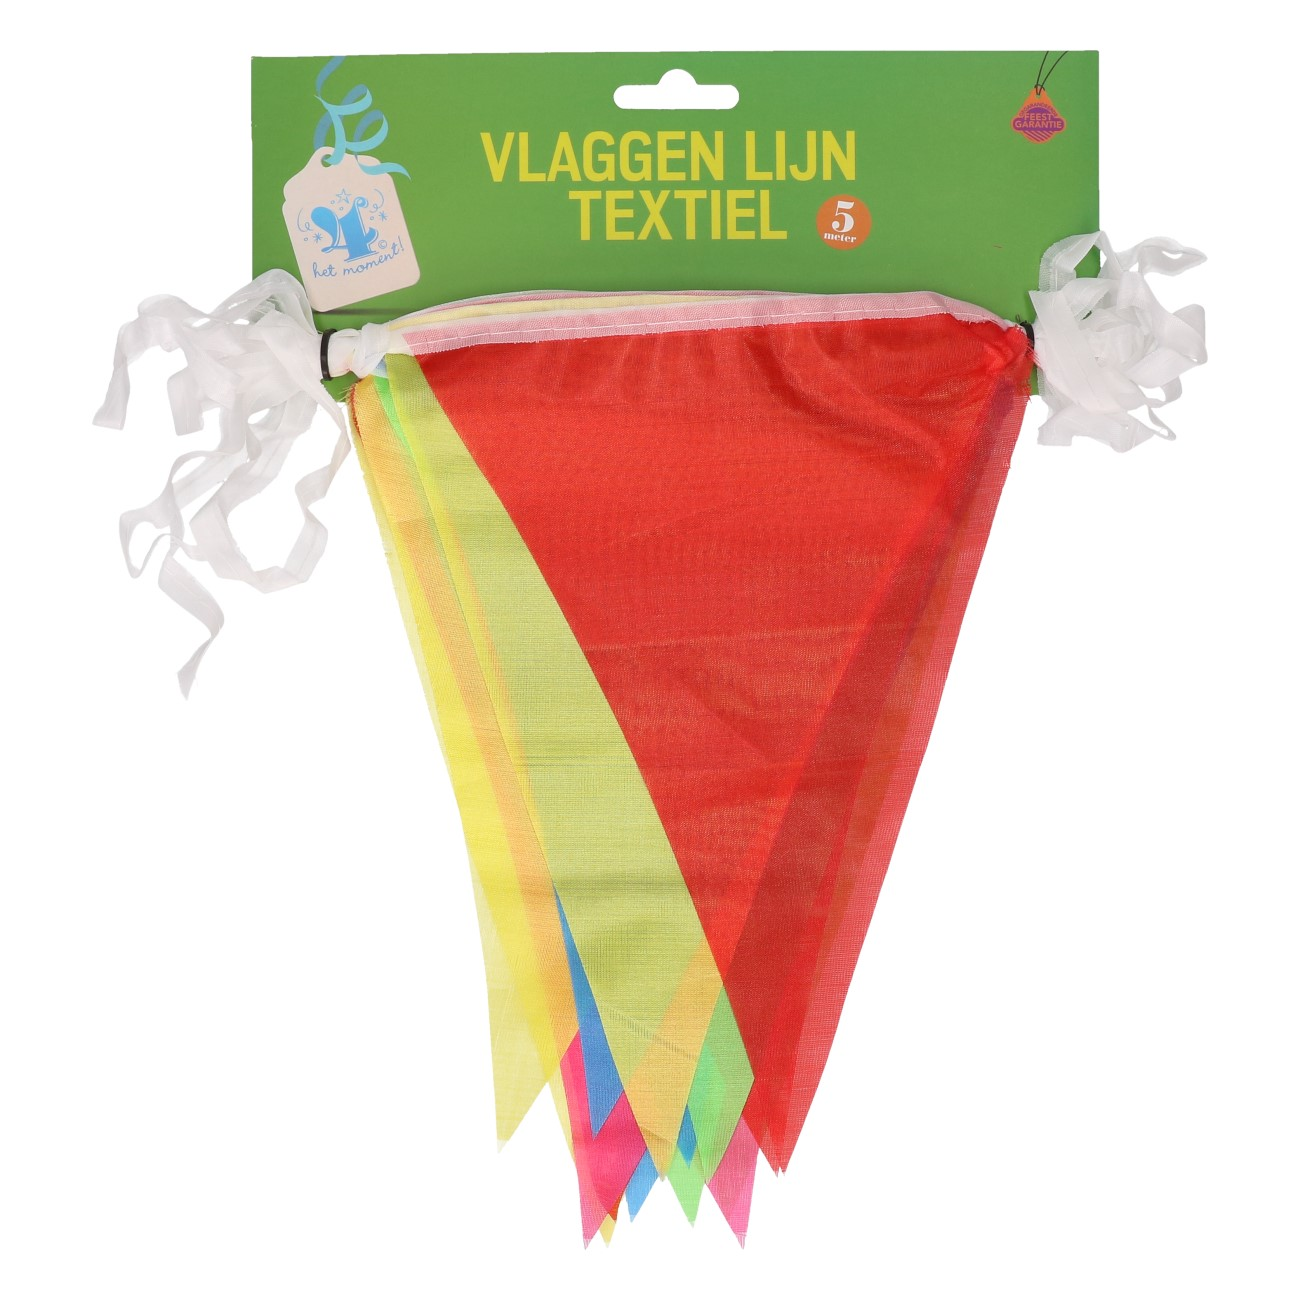 Vlaggen lijn textiel